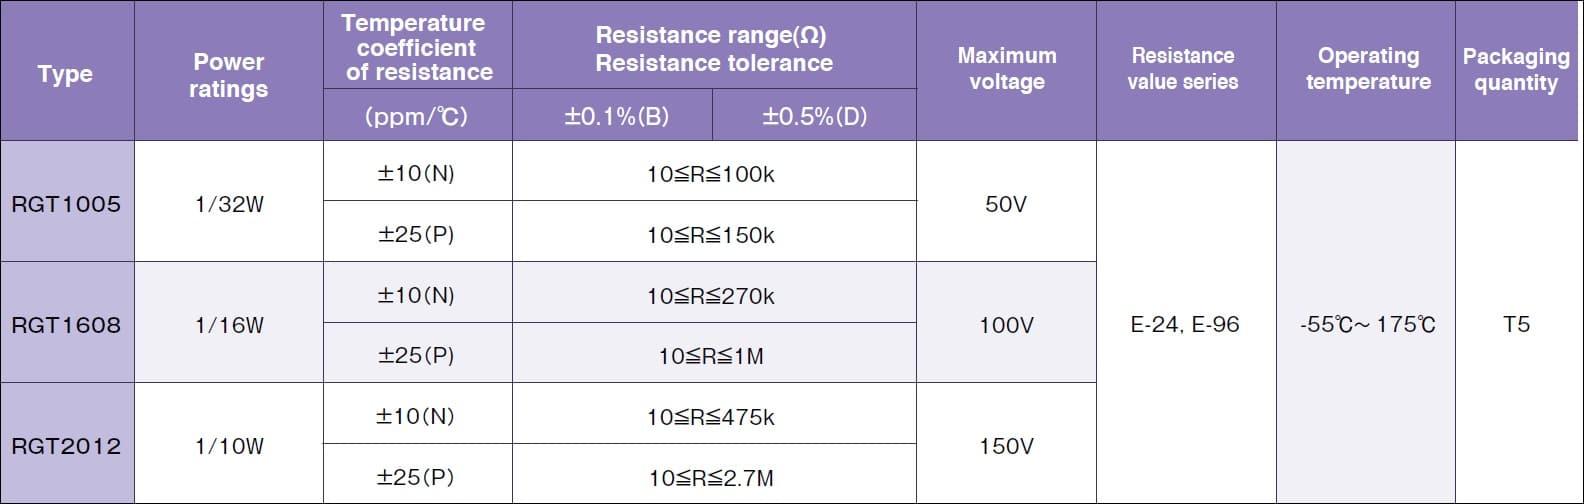 Susumu RGT1608 Specifications